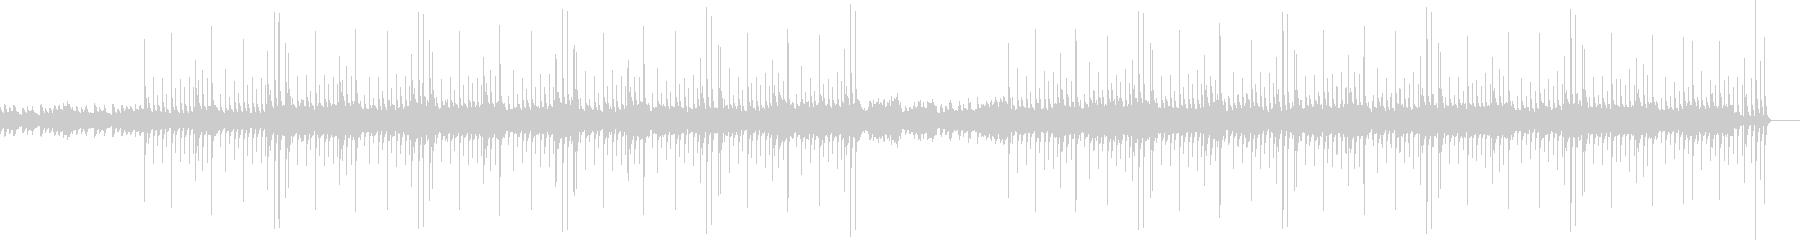 アコギのアルペジオが特徴のシンプルな曲の未再生の波形